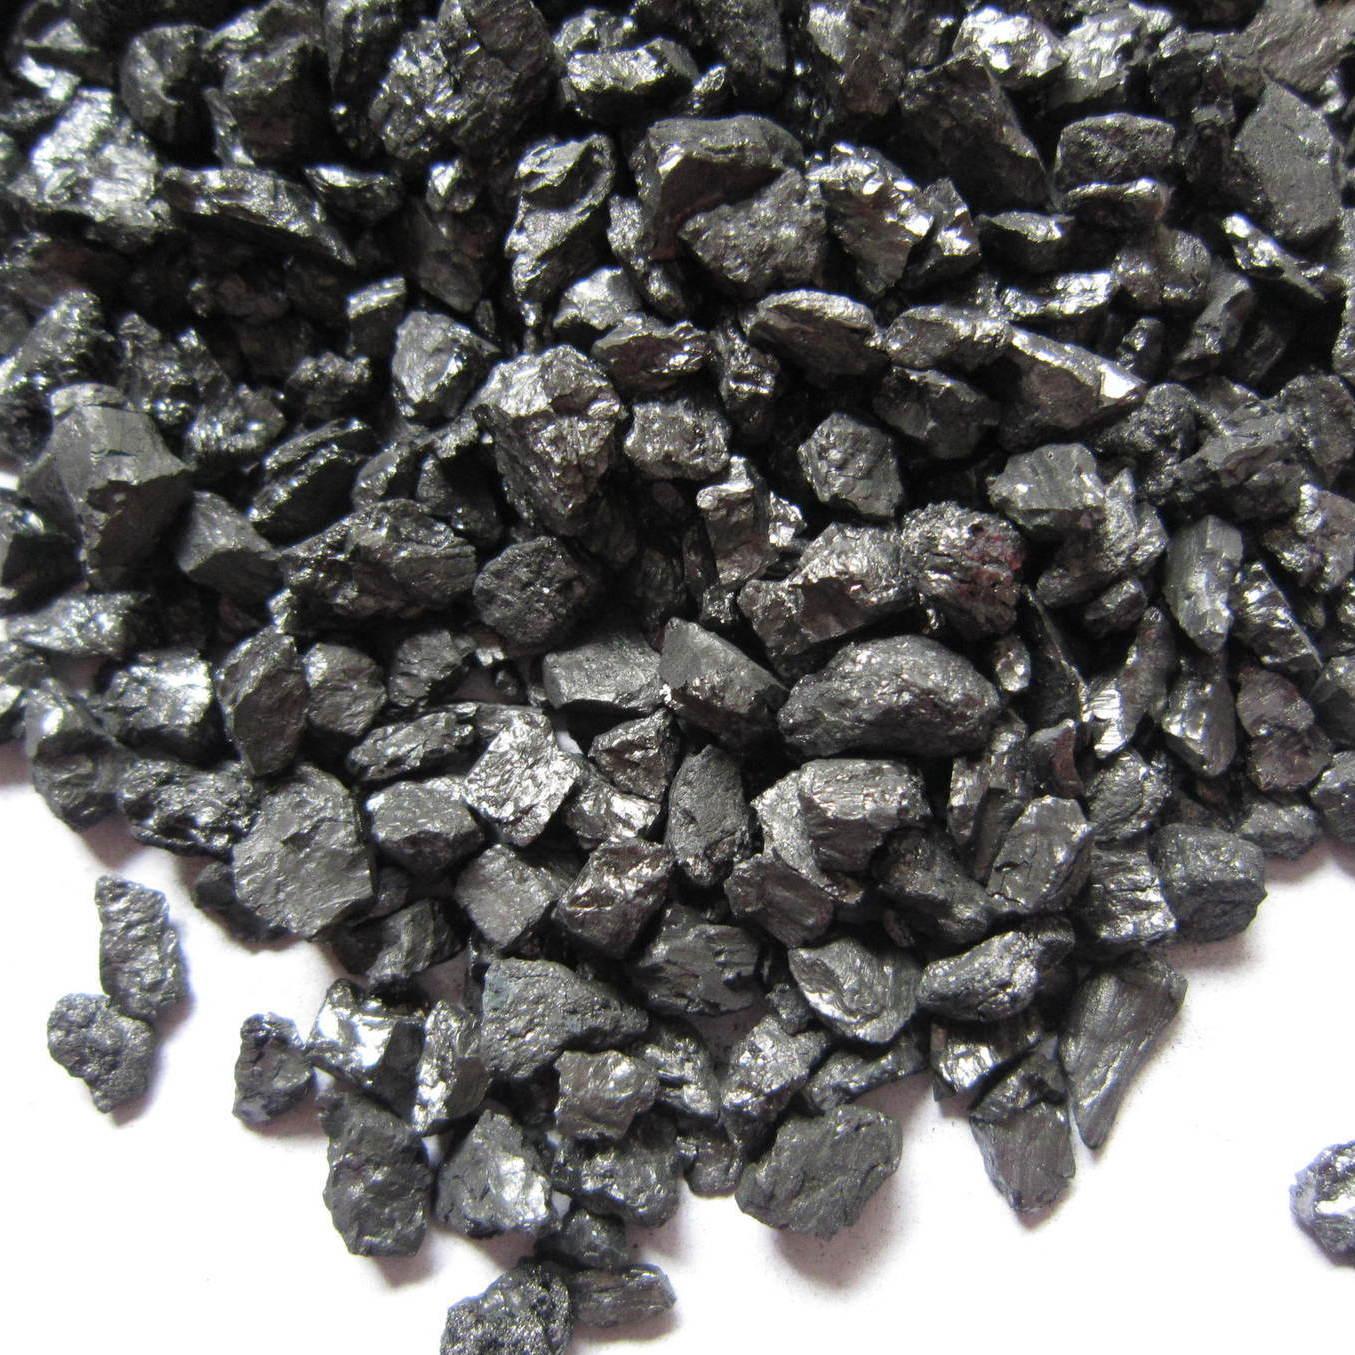 孝义市泰达福利选煤有限公司生活取暖无烟煤